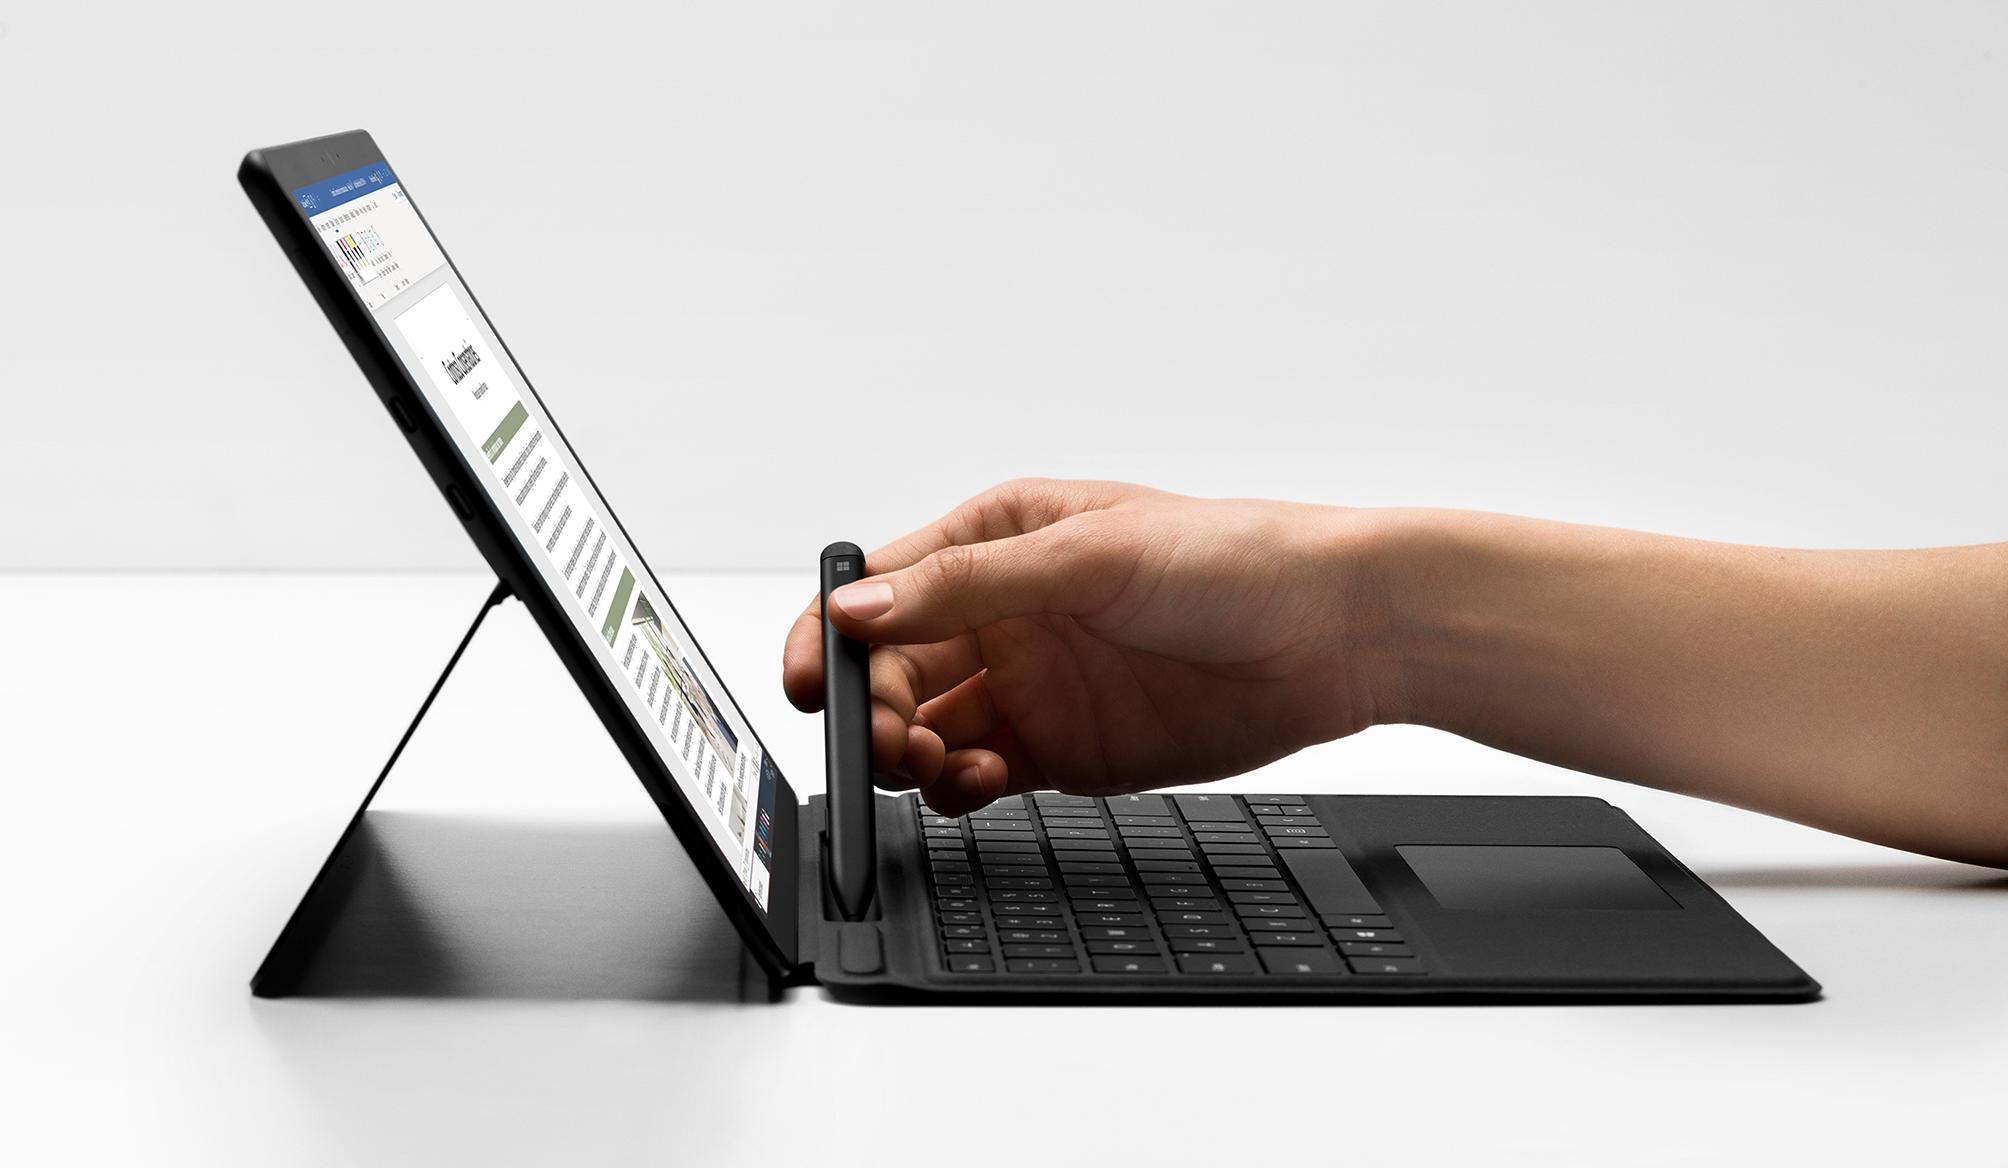 Изображение руки, вытаскивающей перо из нового устройства Surface Pro X.